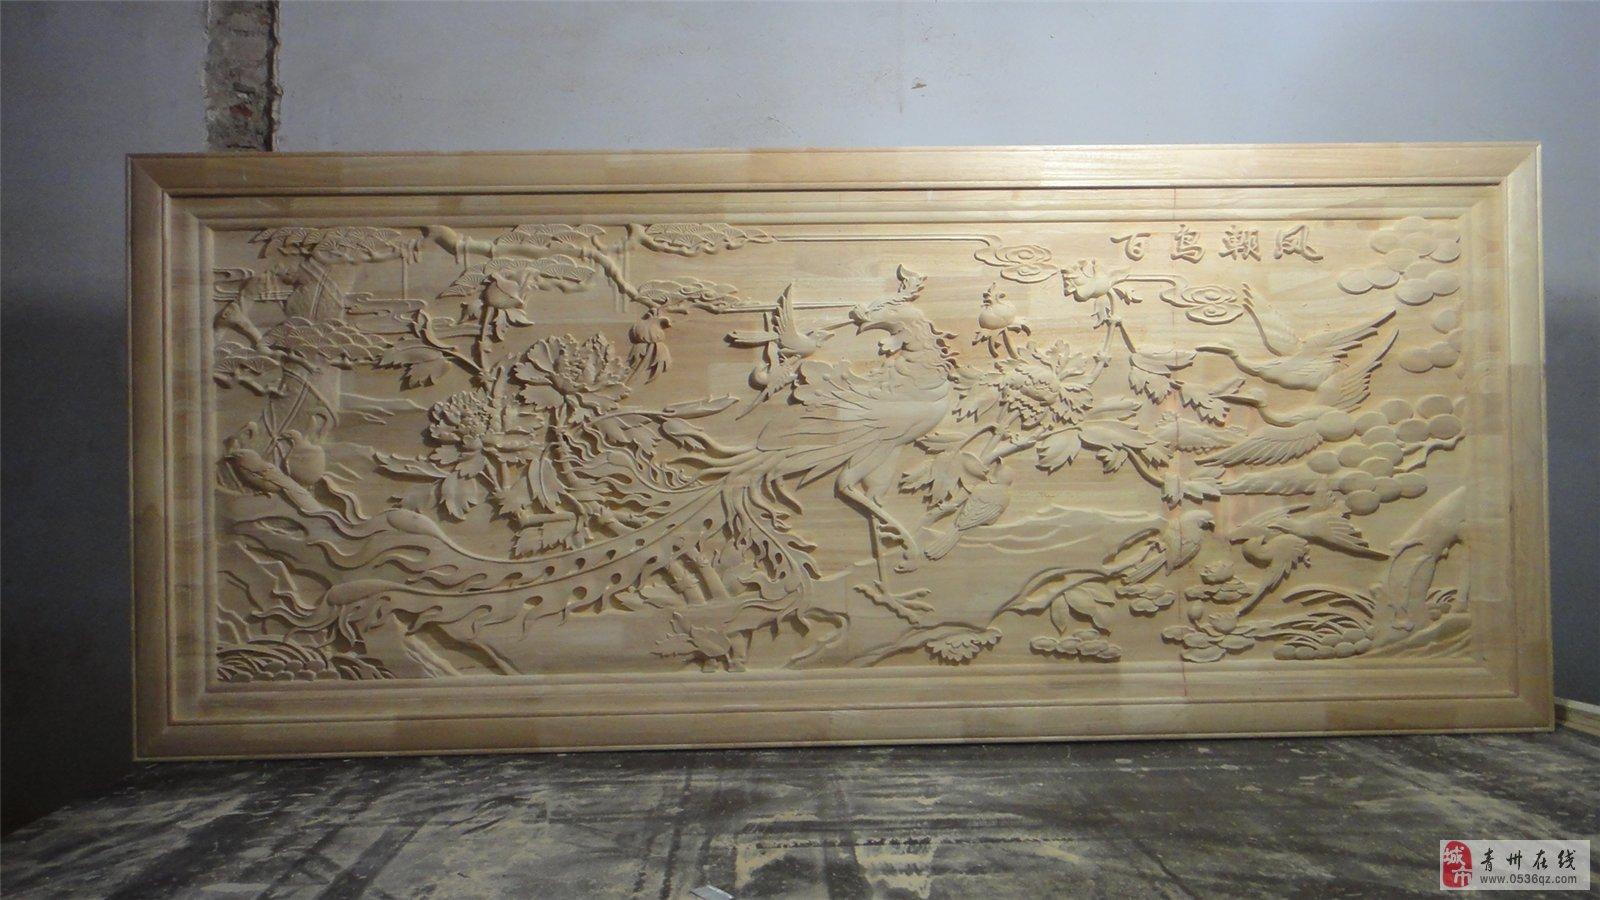 奥松板机器雕花欧式花格,屏风,月亮门,木质浮雕挂屏挂件,摆件,浮雕